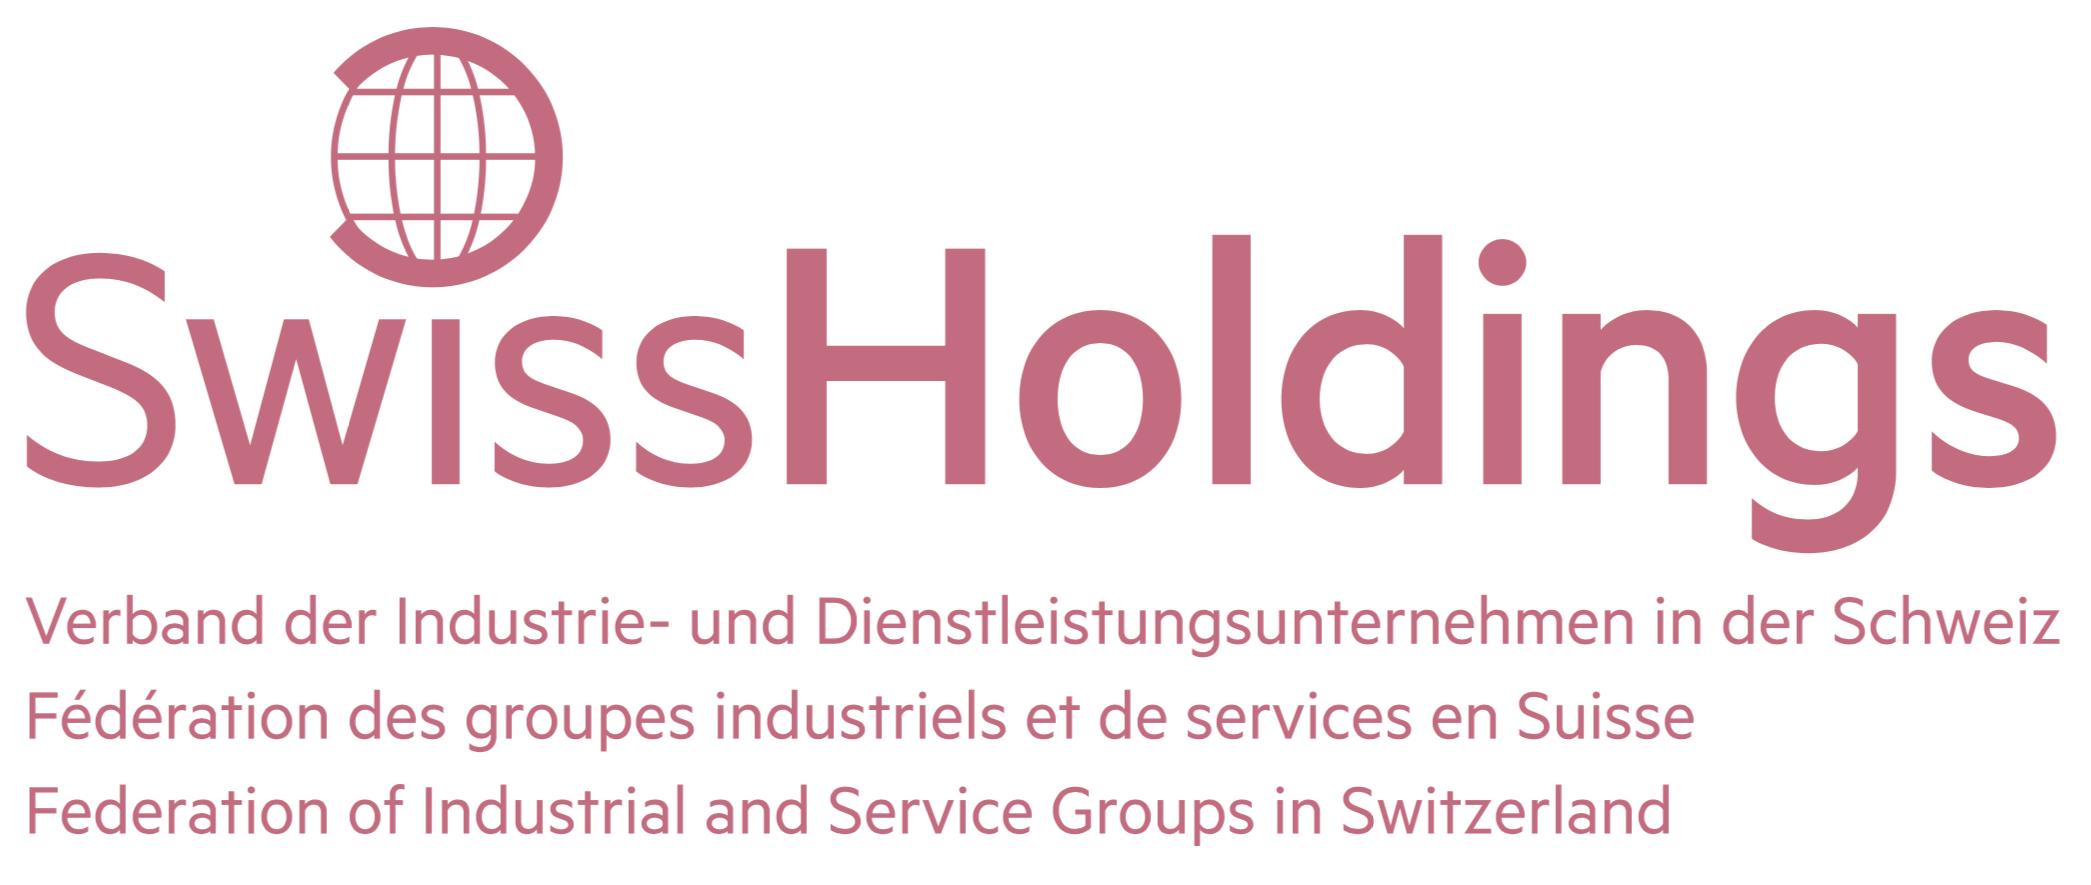 Swissholdings FR